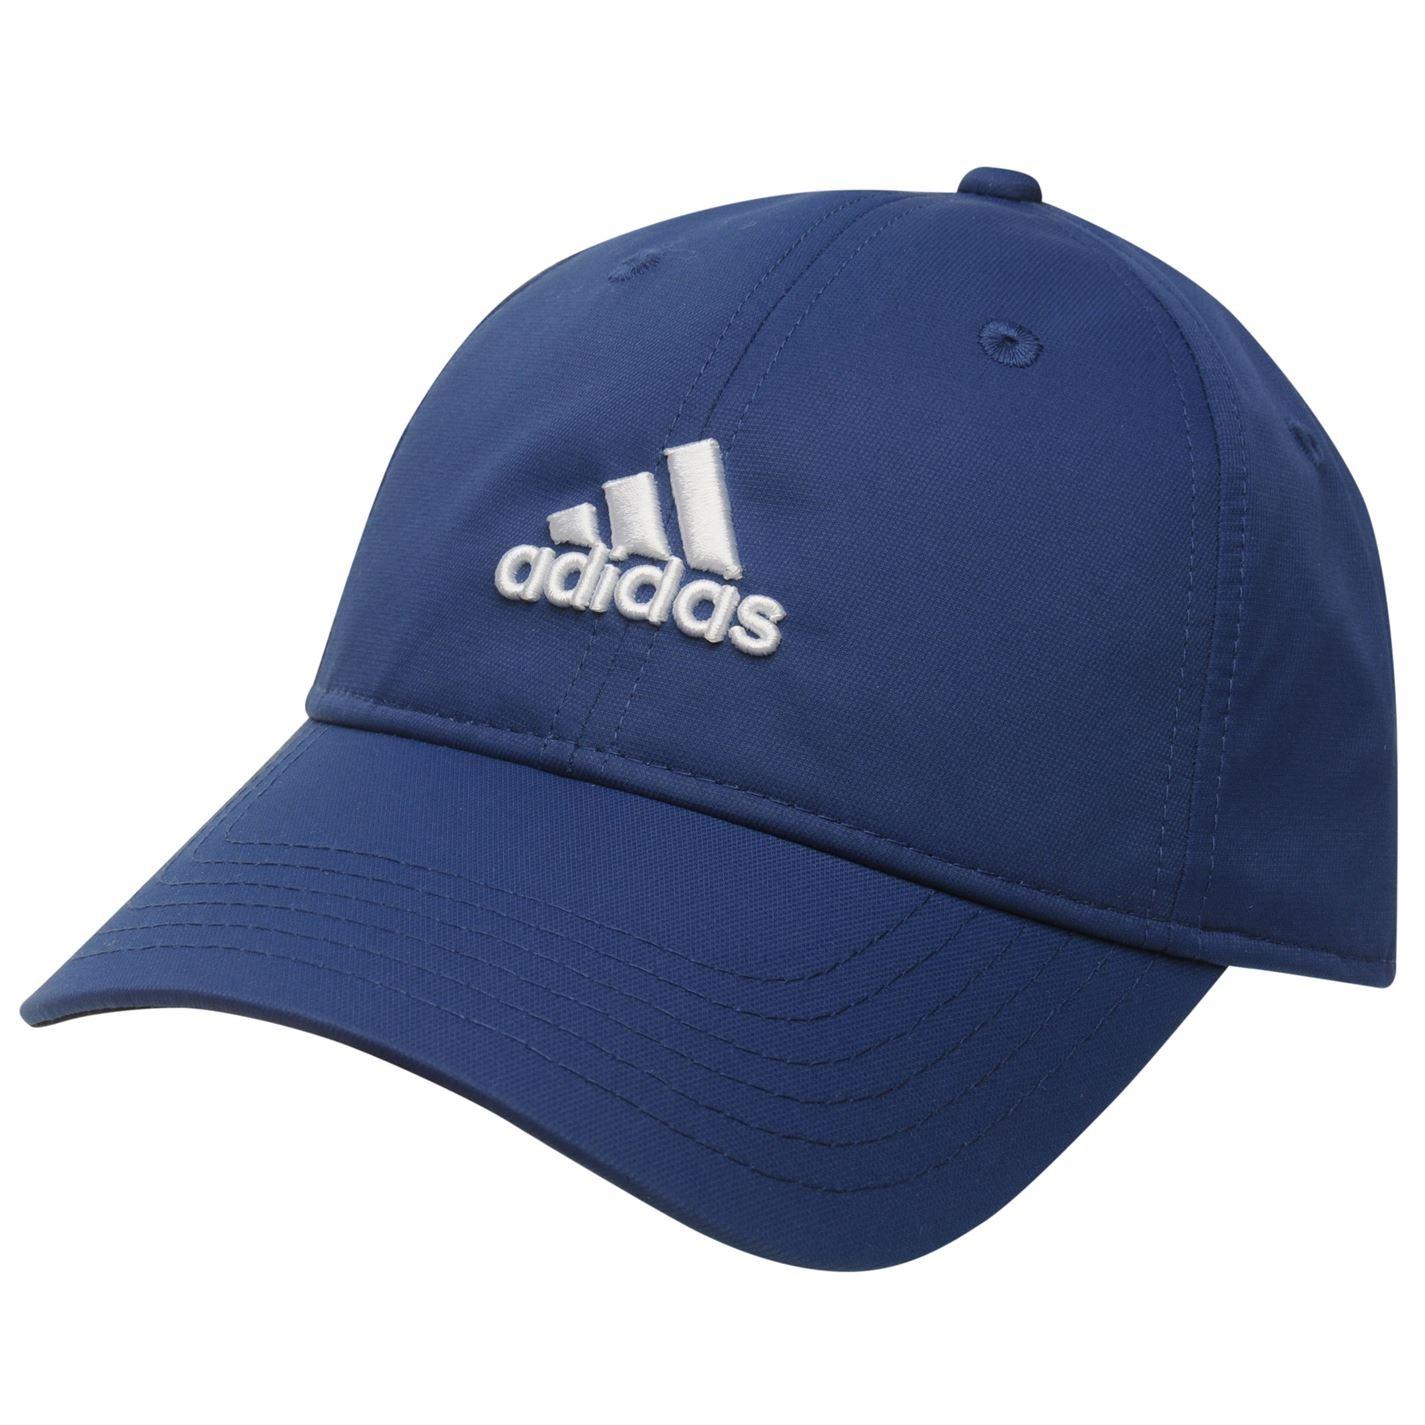 Gorra adidas hombre color azul - Tienda Online Deportiva running 9c38c1ea118